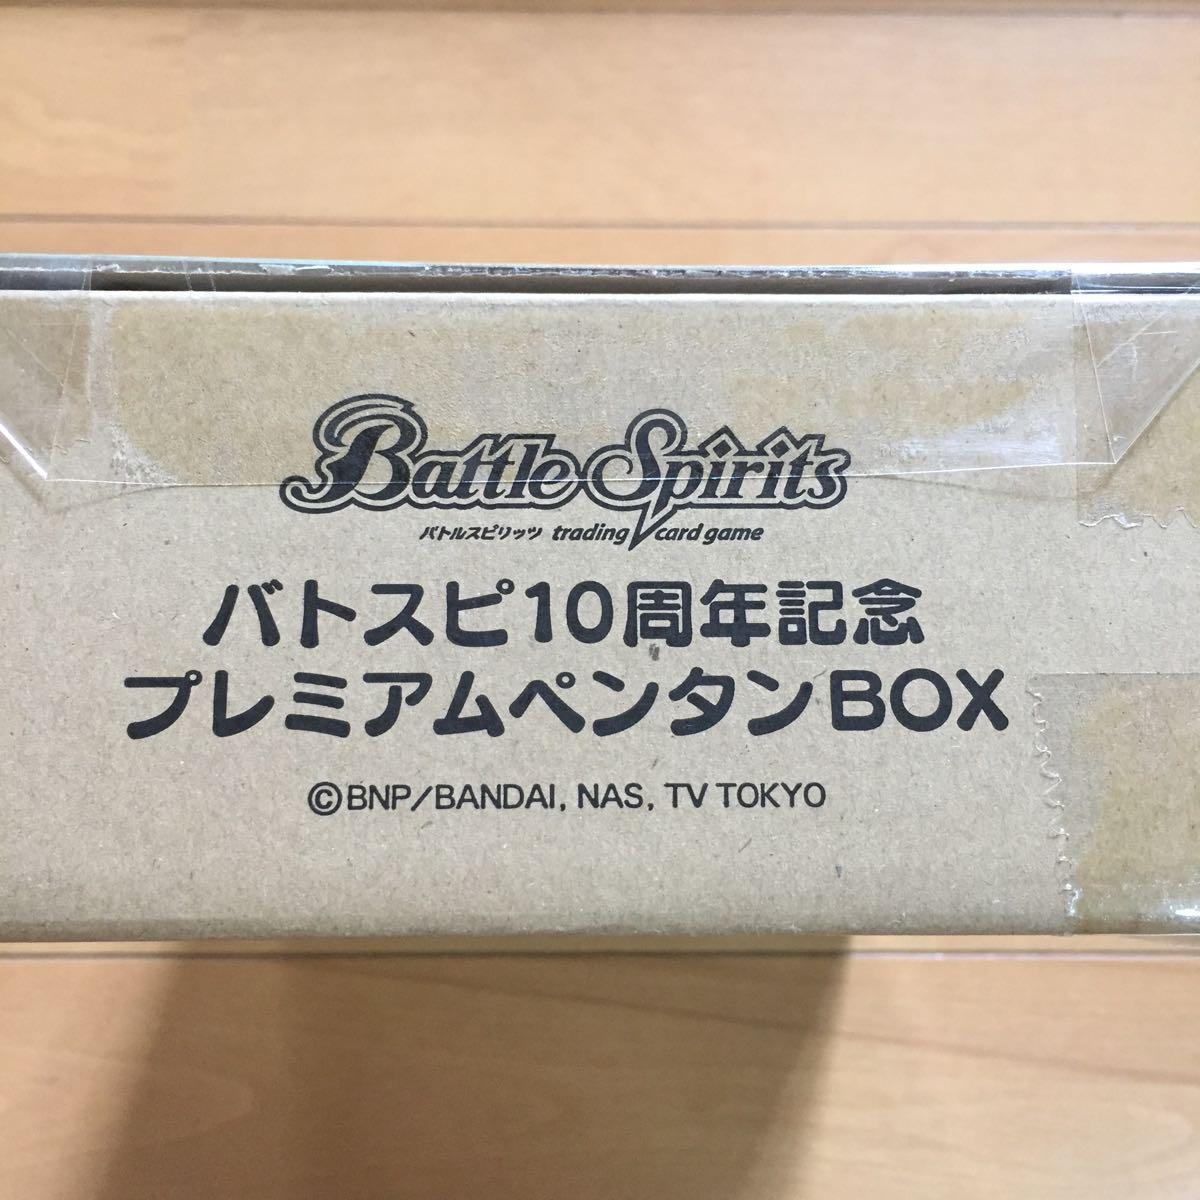 ★バトスピ10周年記念★プレミアムペンタンBOX  新品未開封